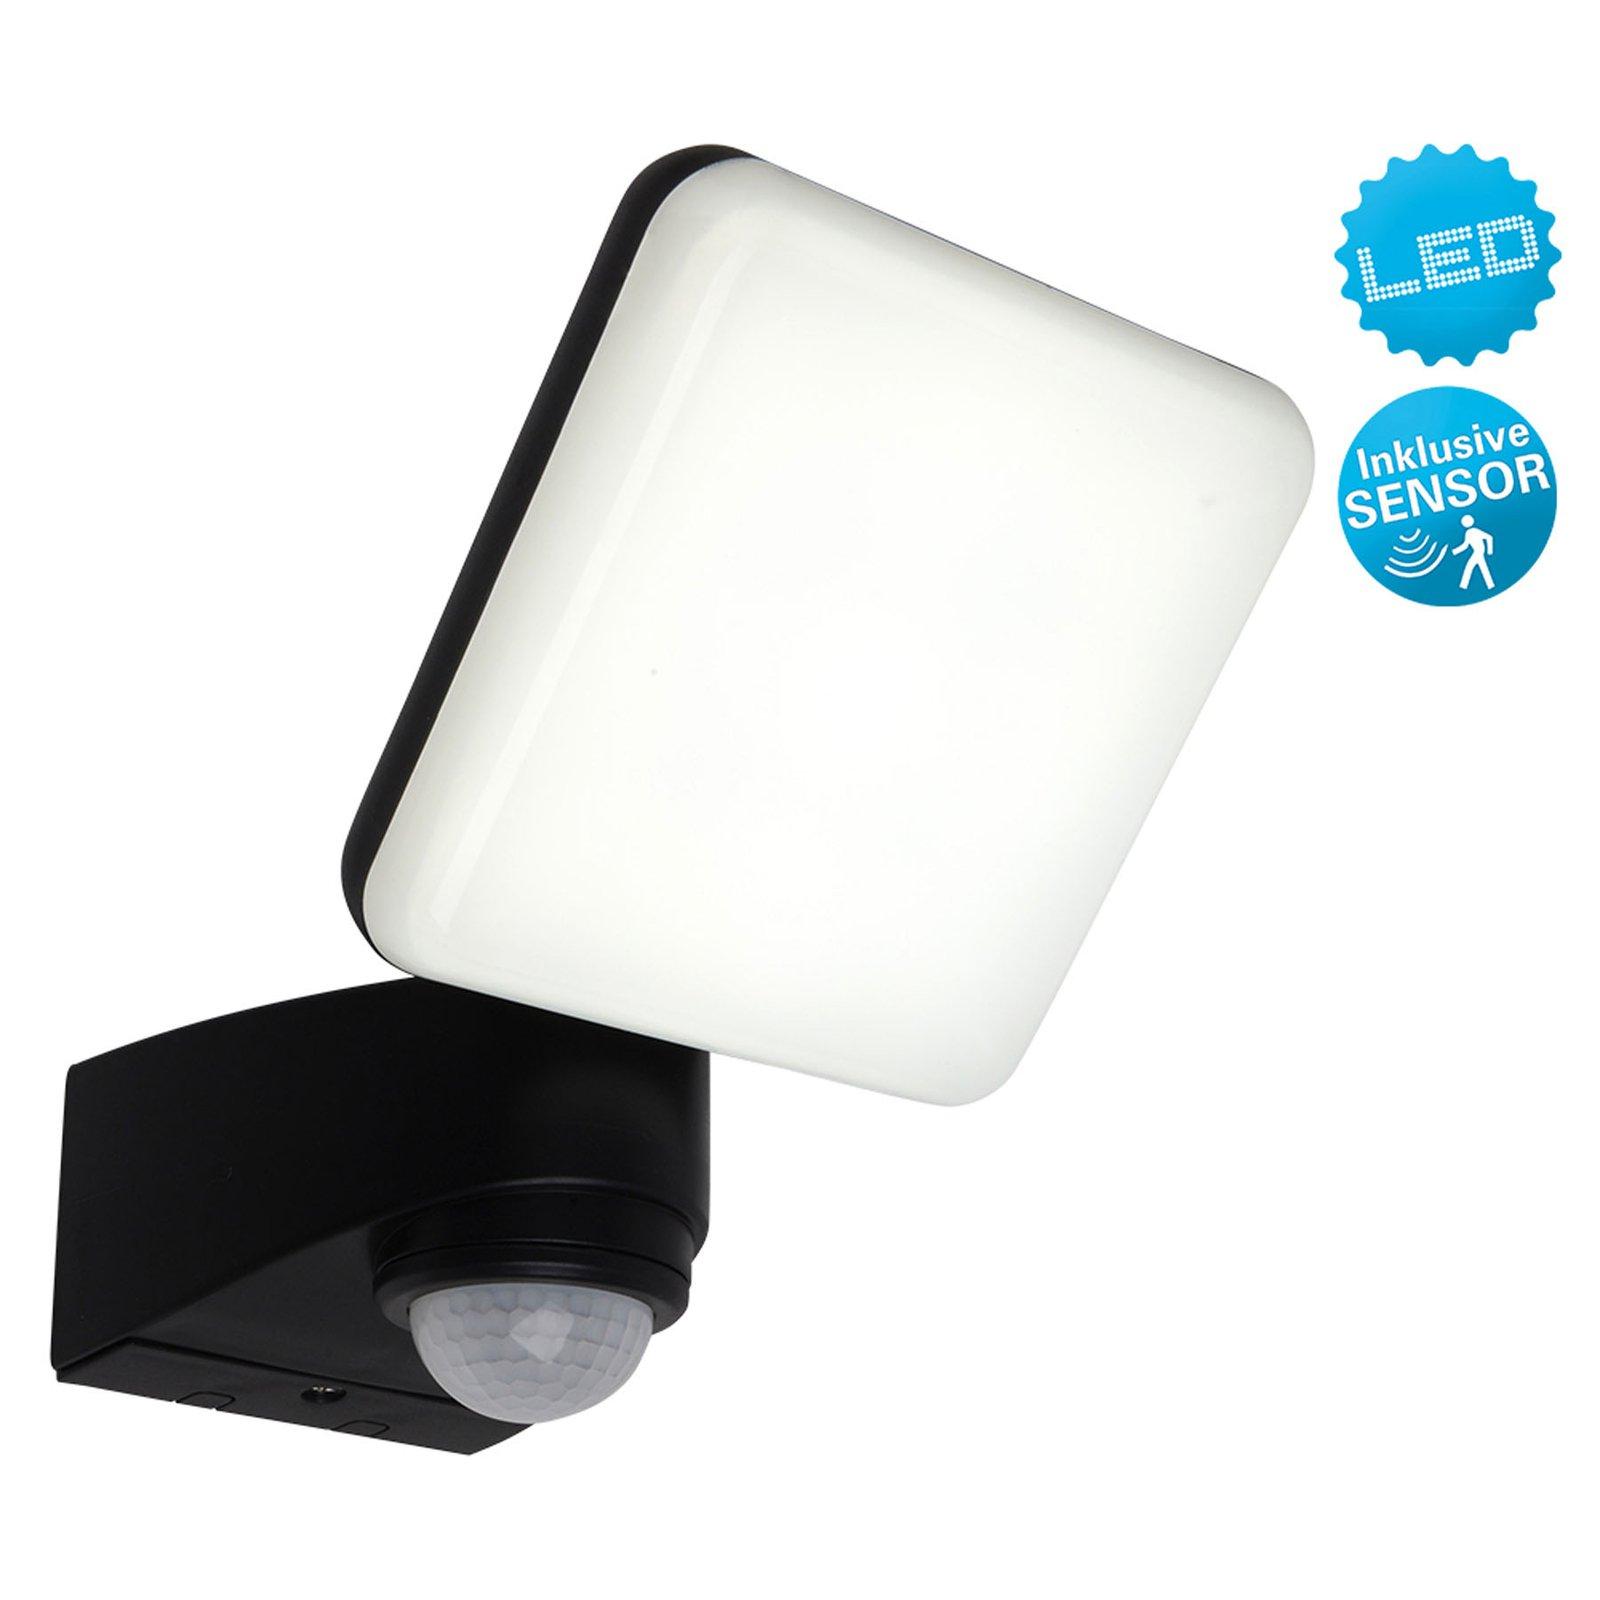 Utendørs LED-vegglampe Jaro, sensor, 1 lyskilde